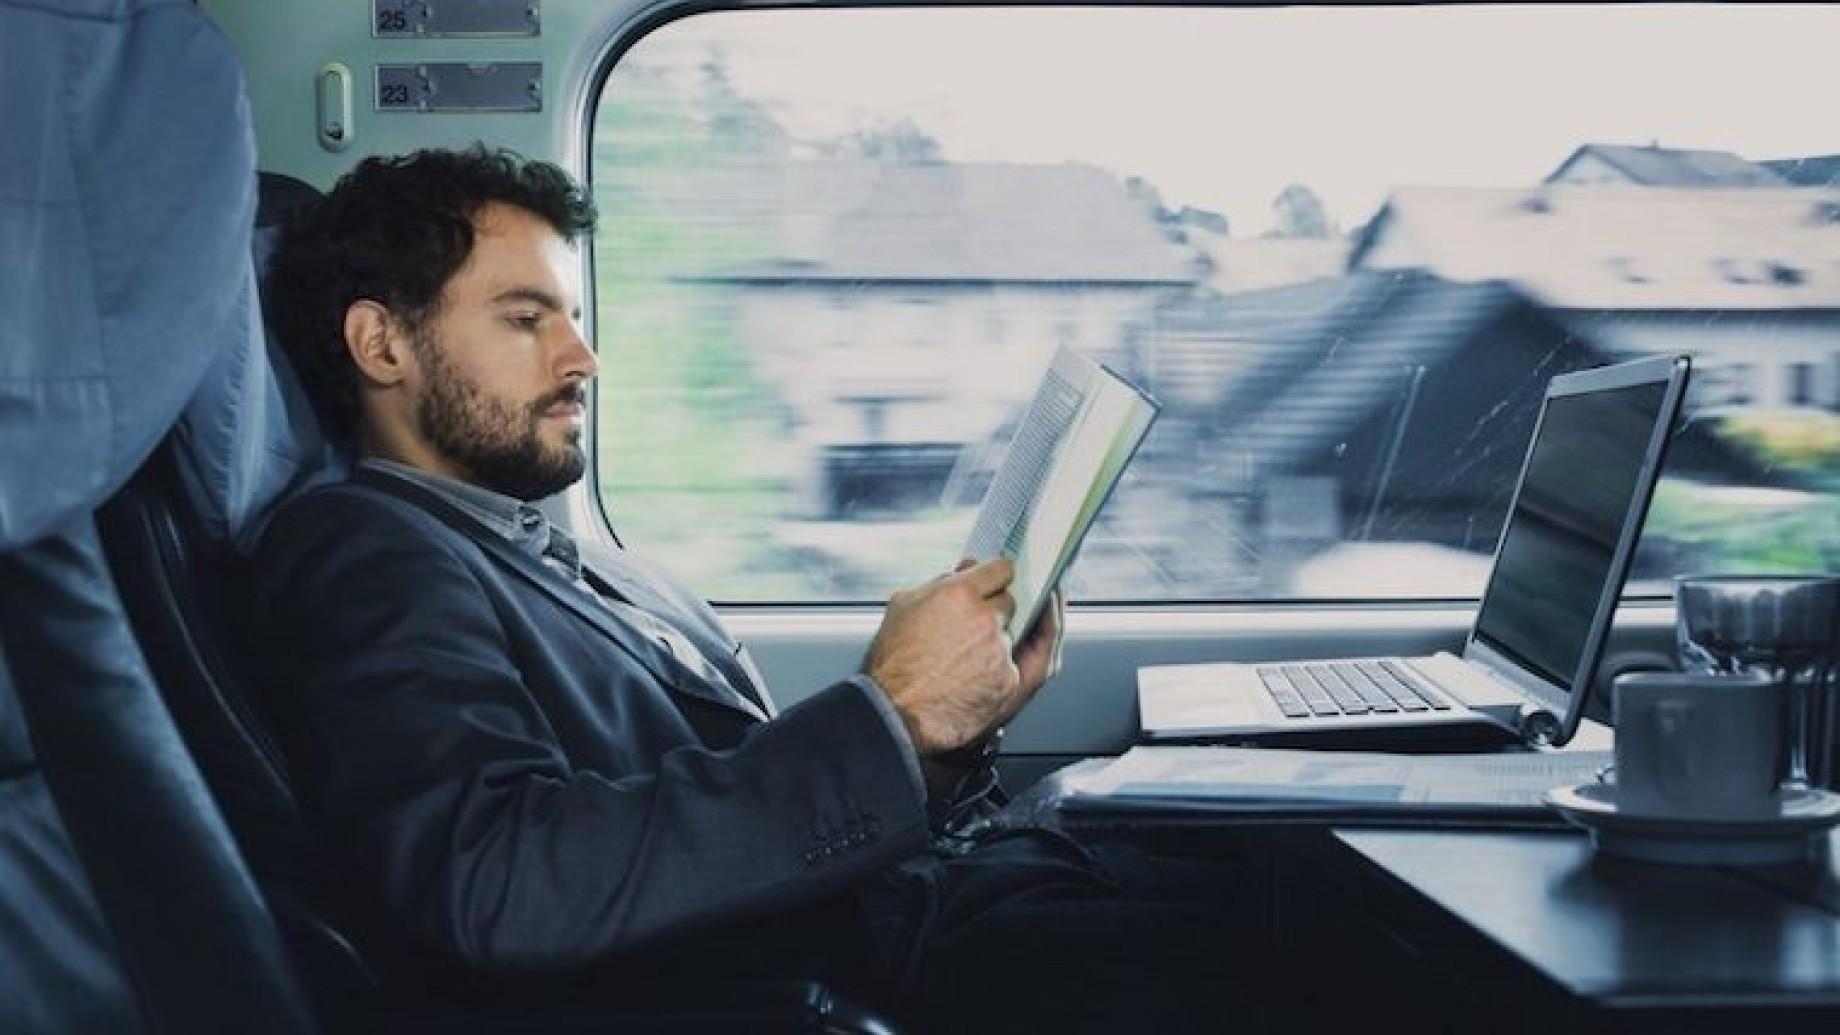 come-combattere-lo-stress-da-lavoro-in-treno-1-1140x660-1